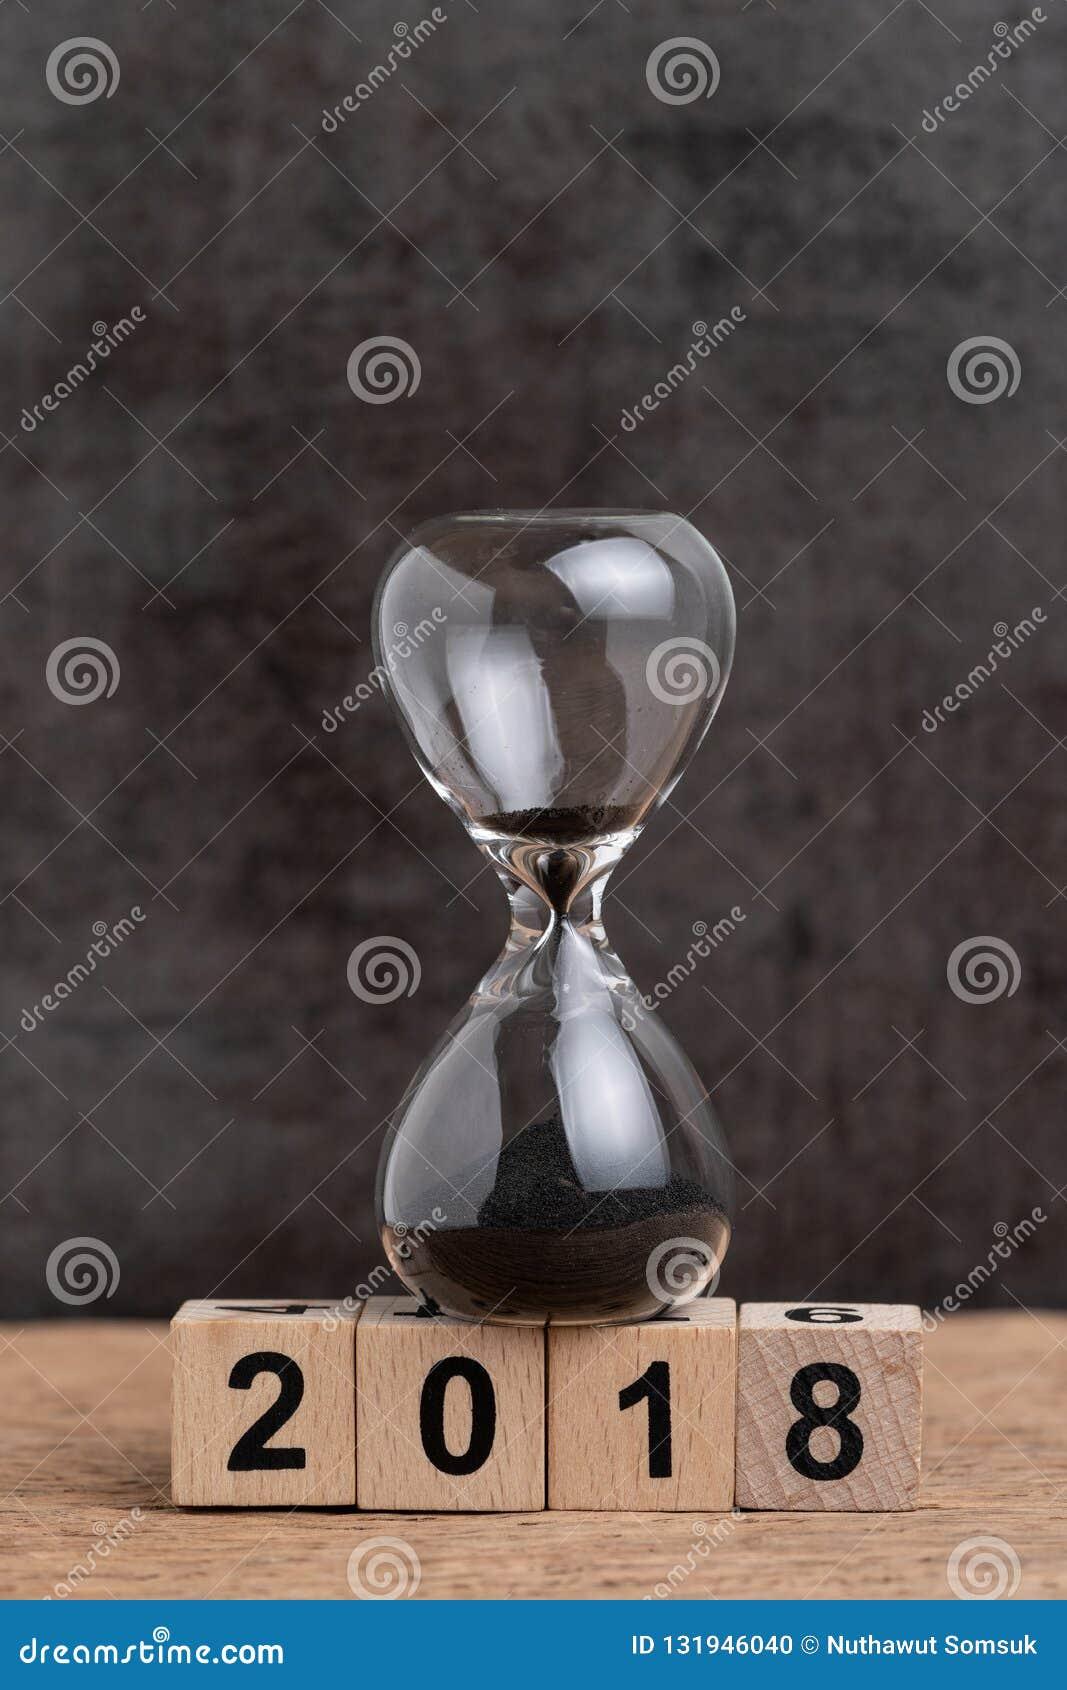 Final do ano contagem regressiva de 2018 vezes ou conceito da revisão dos objetivos de negócios, h